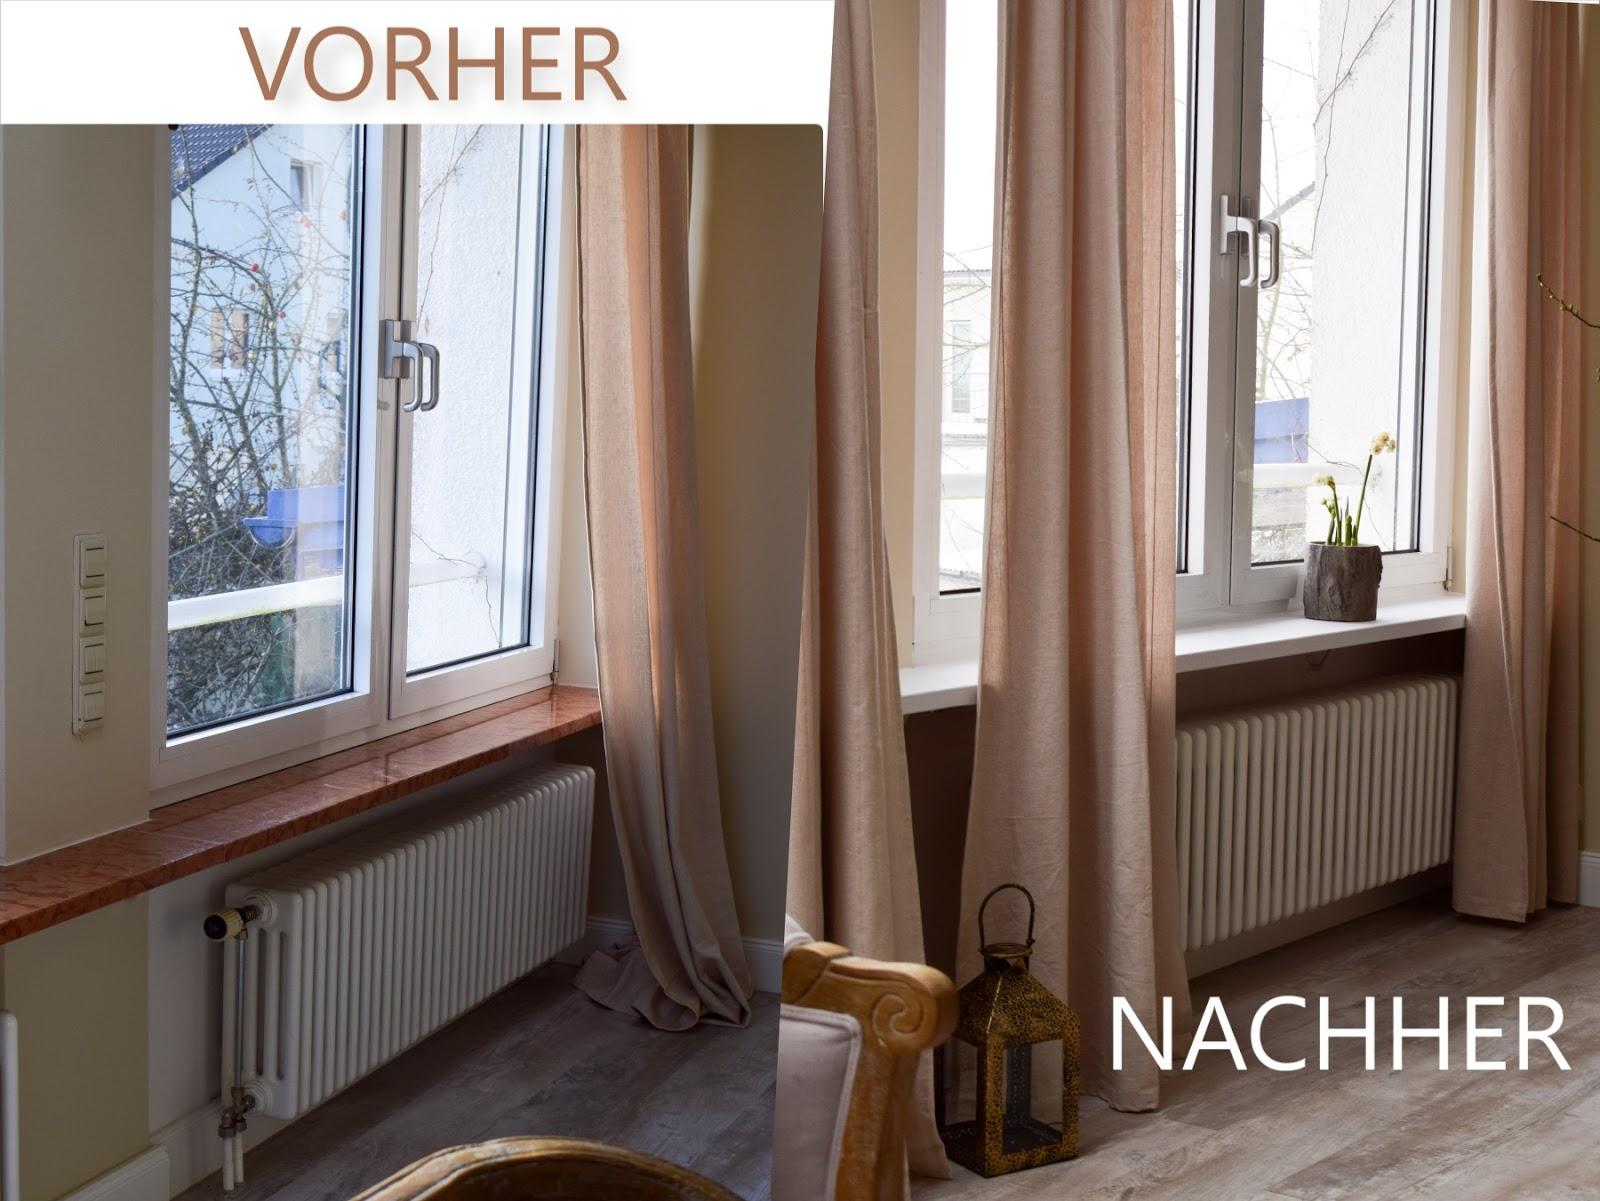 Vorher Nachher. Renovierung von Fenstersims mit selbstklebender Folie. Einfach selbermachen renovieren Marmor Folie Klebefolie. Aus Alt mach NEU